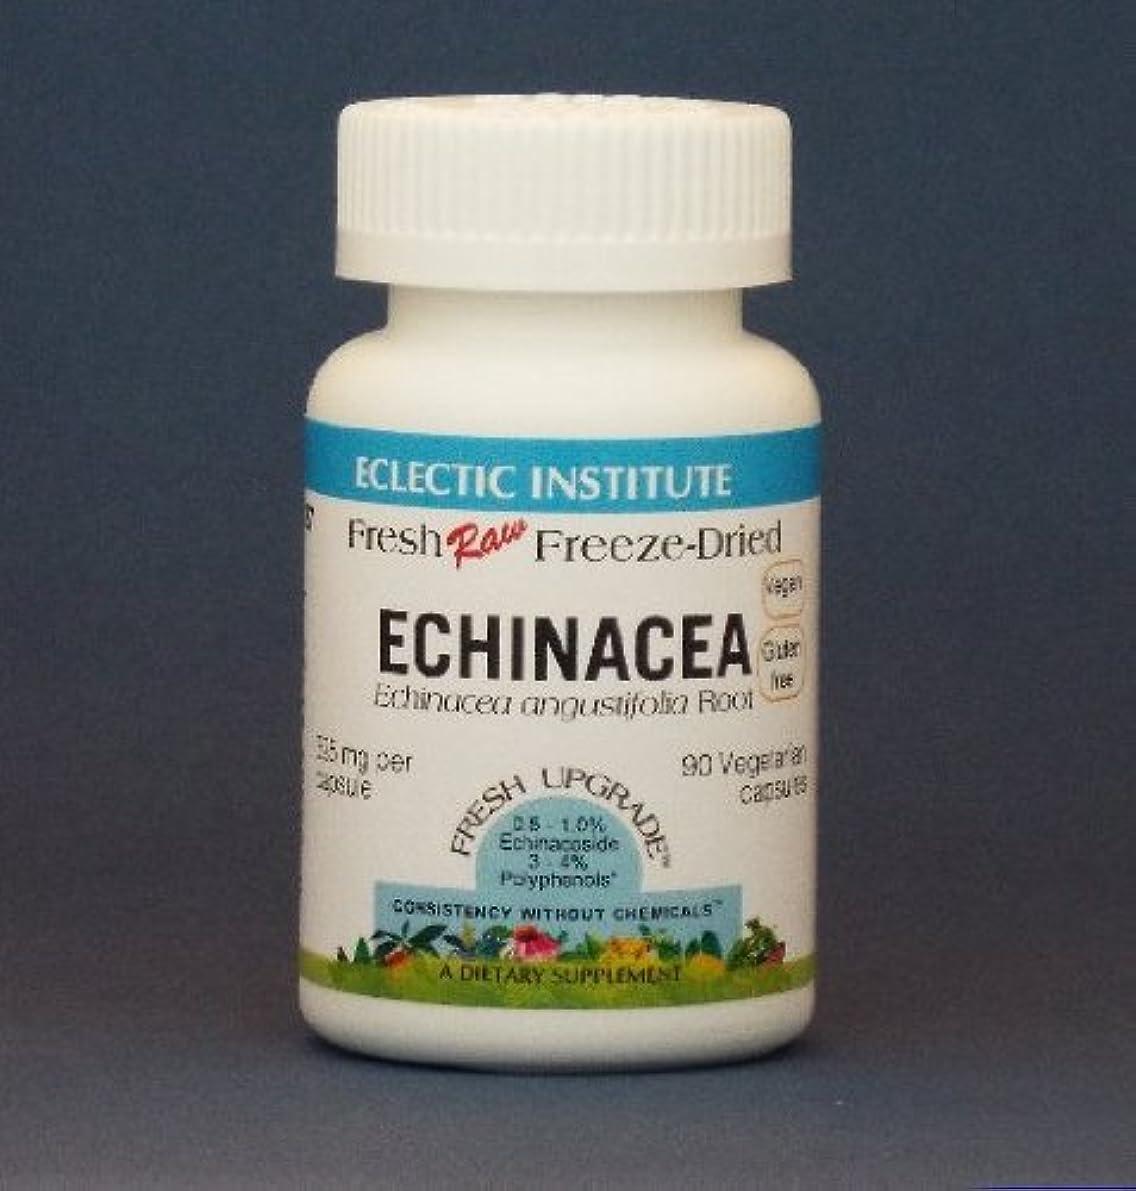 宣言女の子対応するエクレクティックサプリメント エキナセア 90cap (Echinacea)